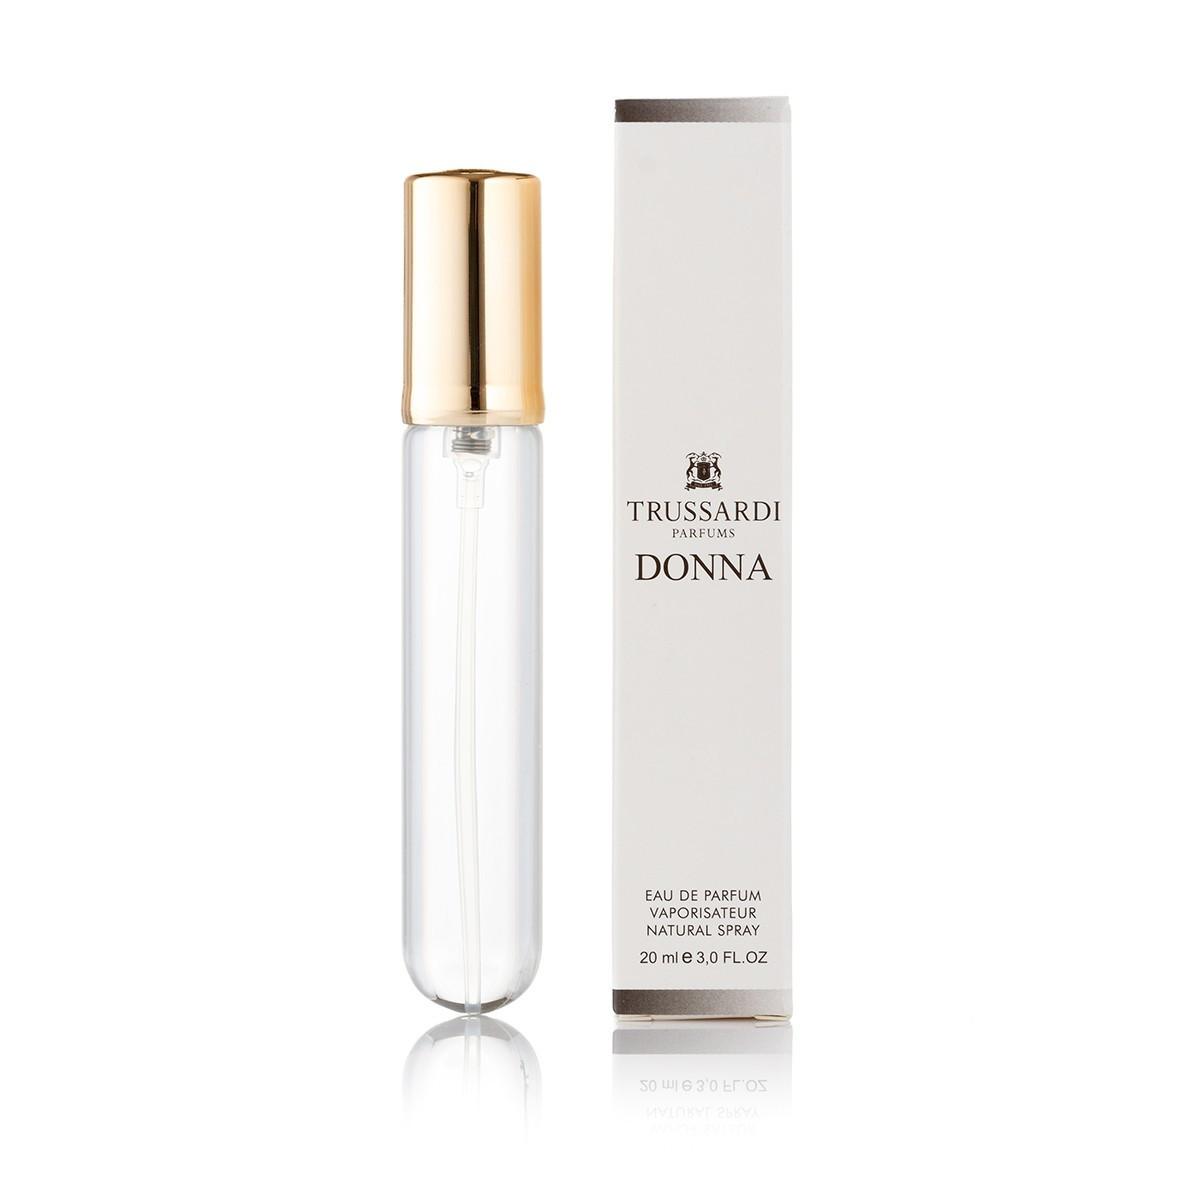 Trussardi Donna - Parfum Stick 20ml